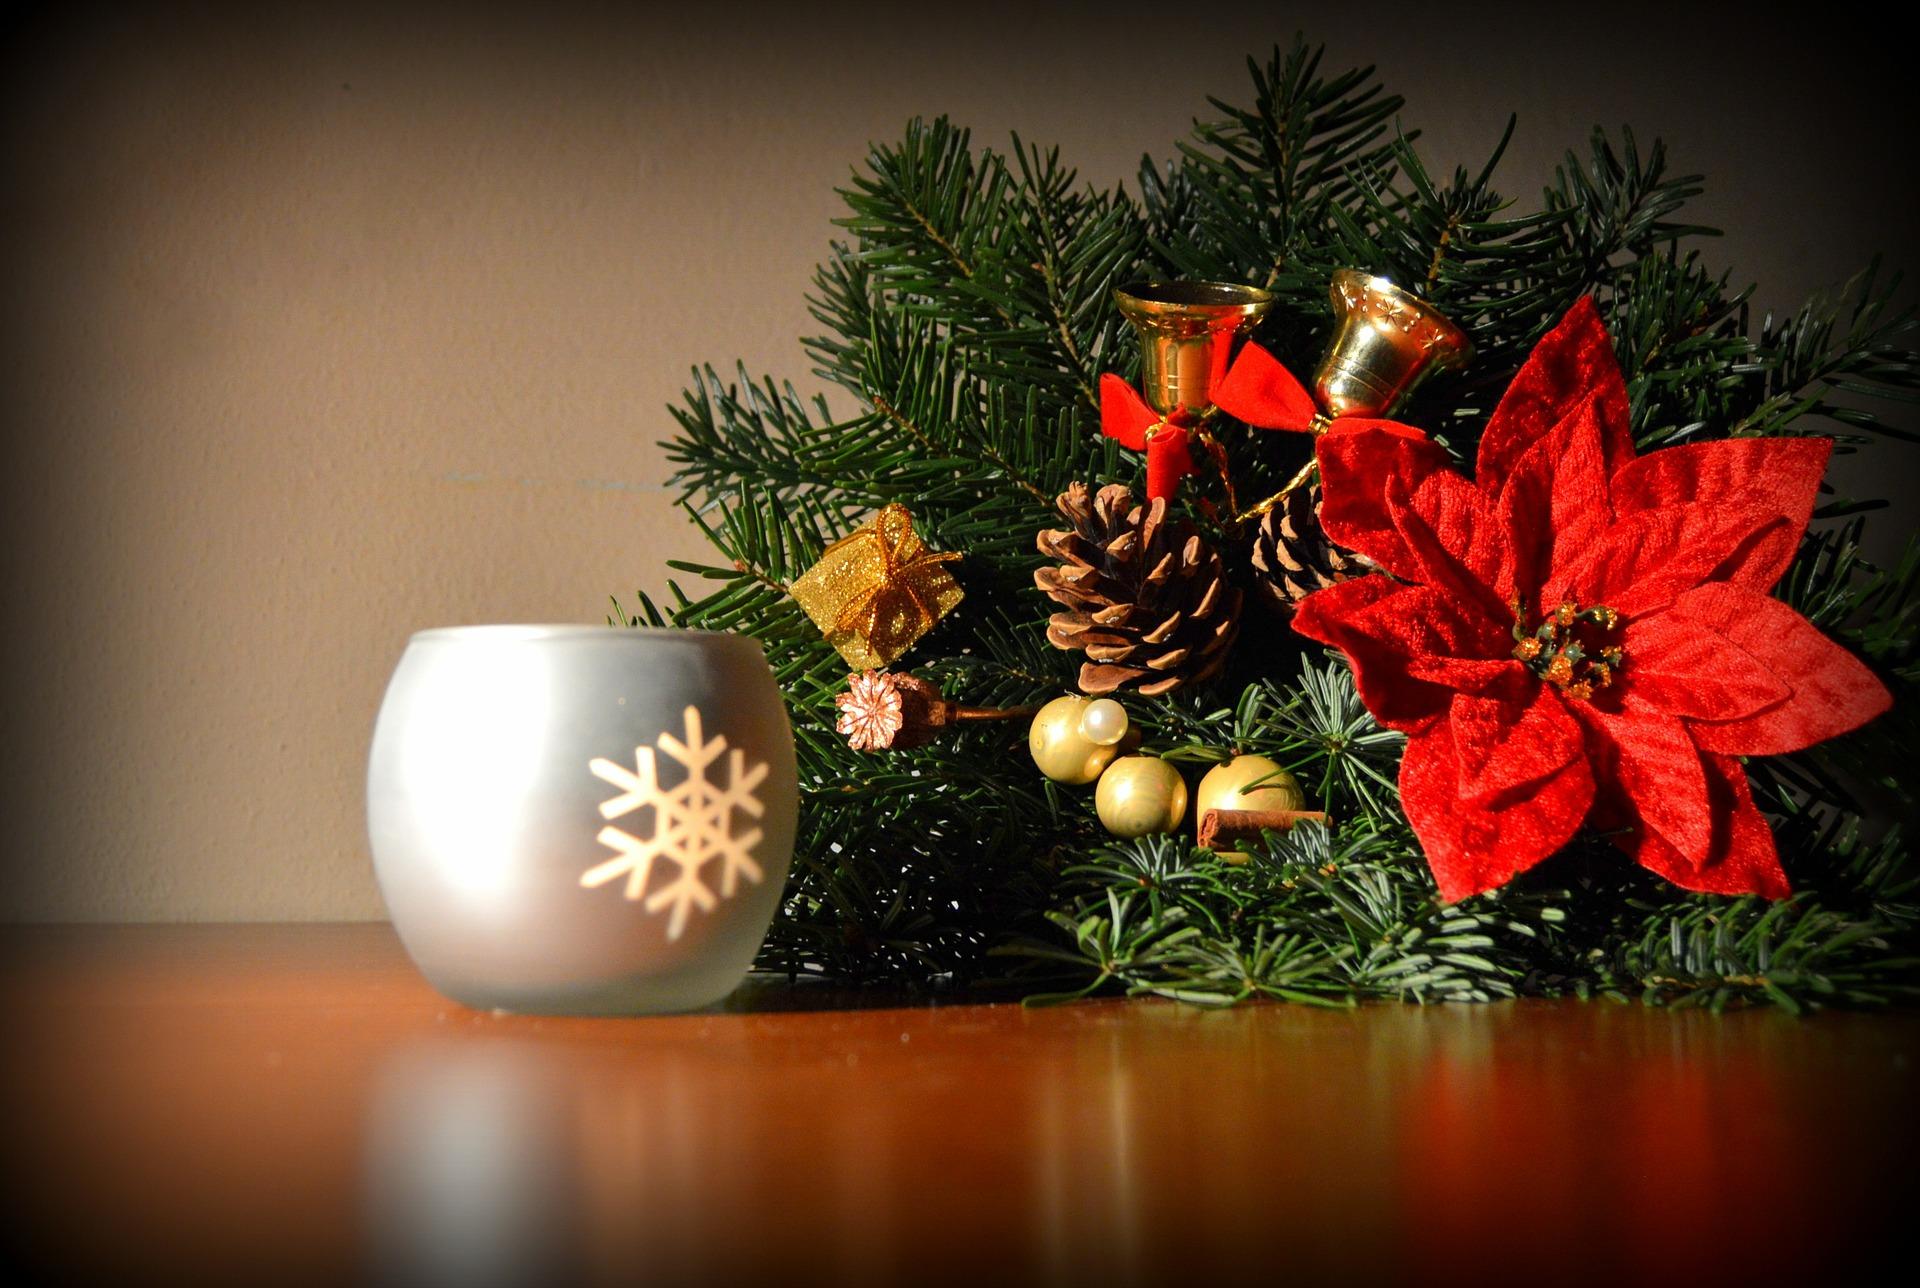 Decorazioni Tavola Natale Fai Da Te : Addobbi e decorazioni per natale fai da te fotoregali